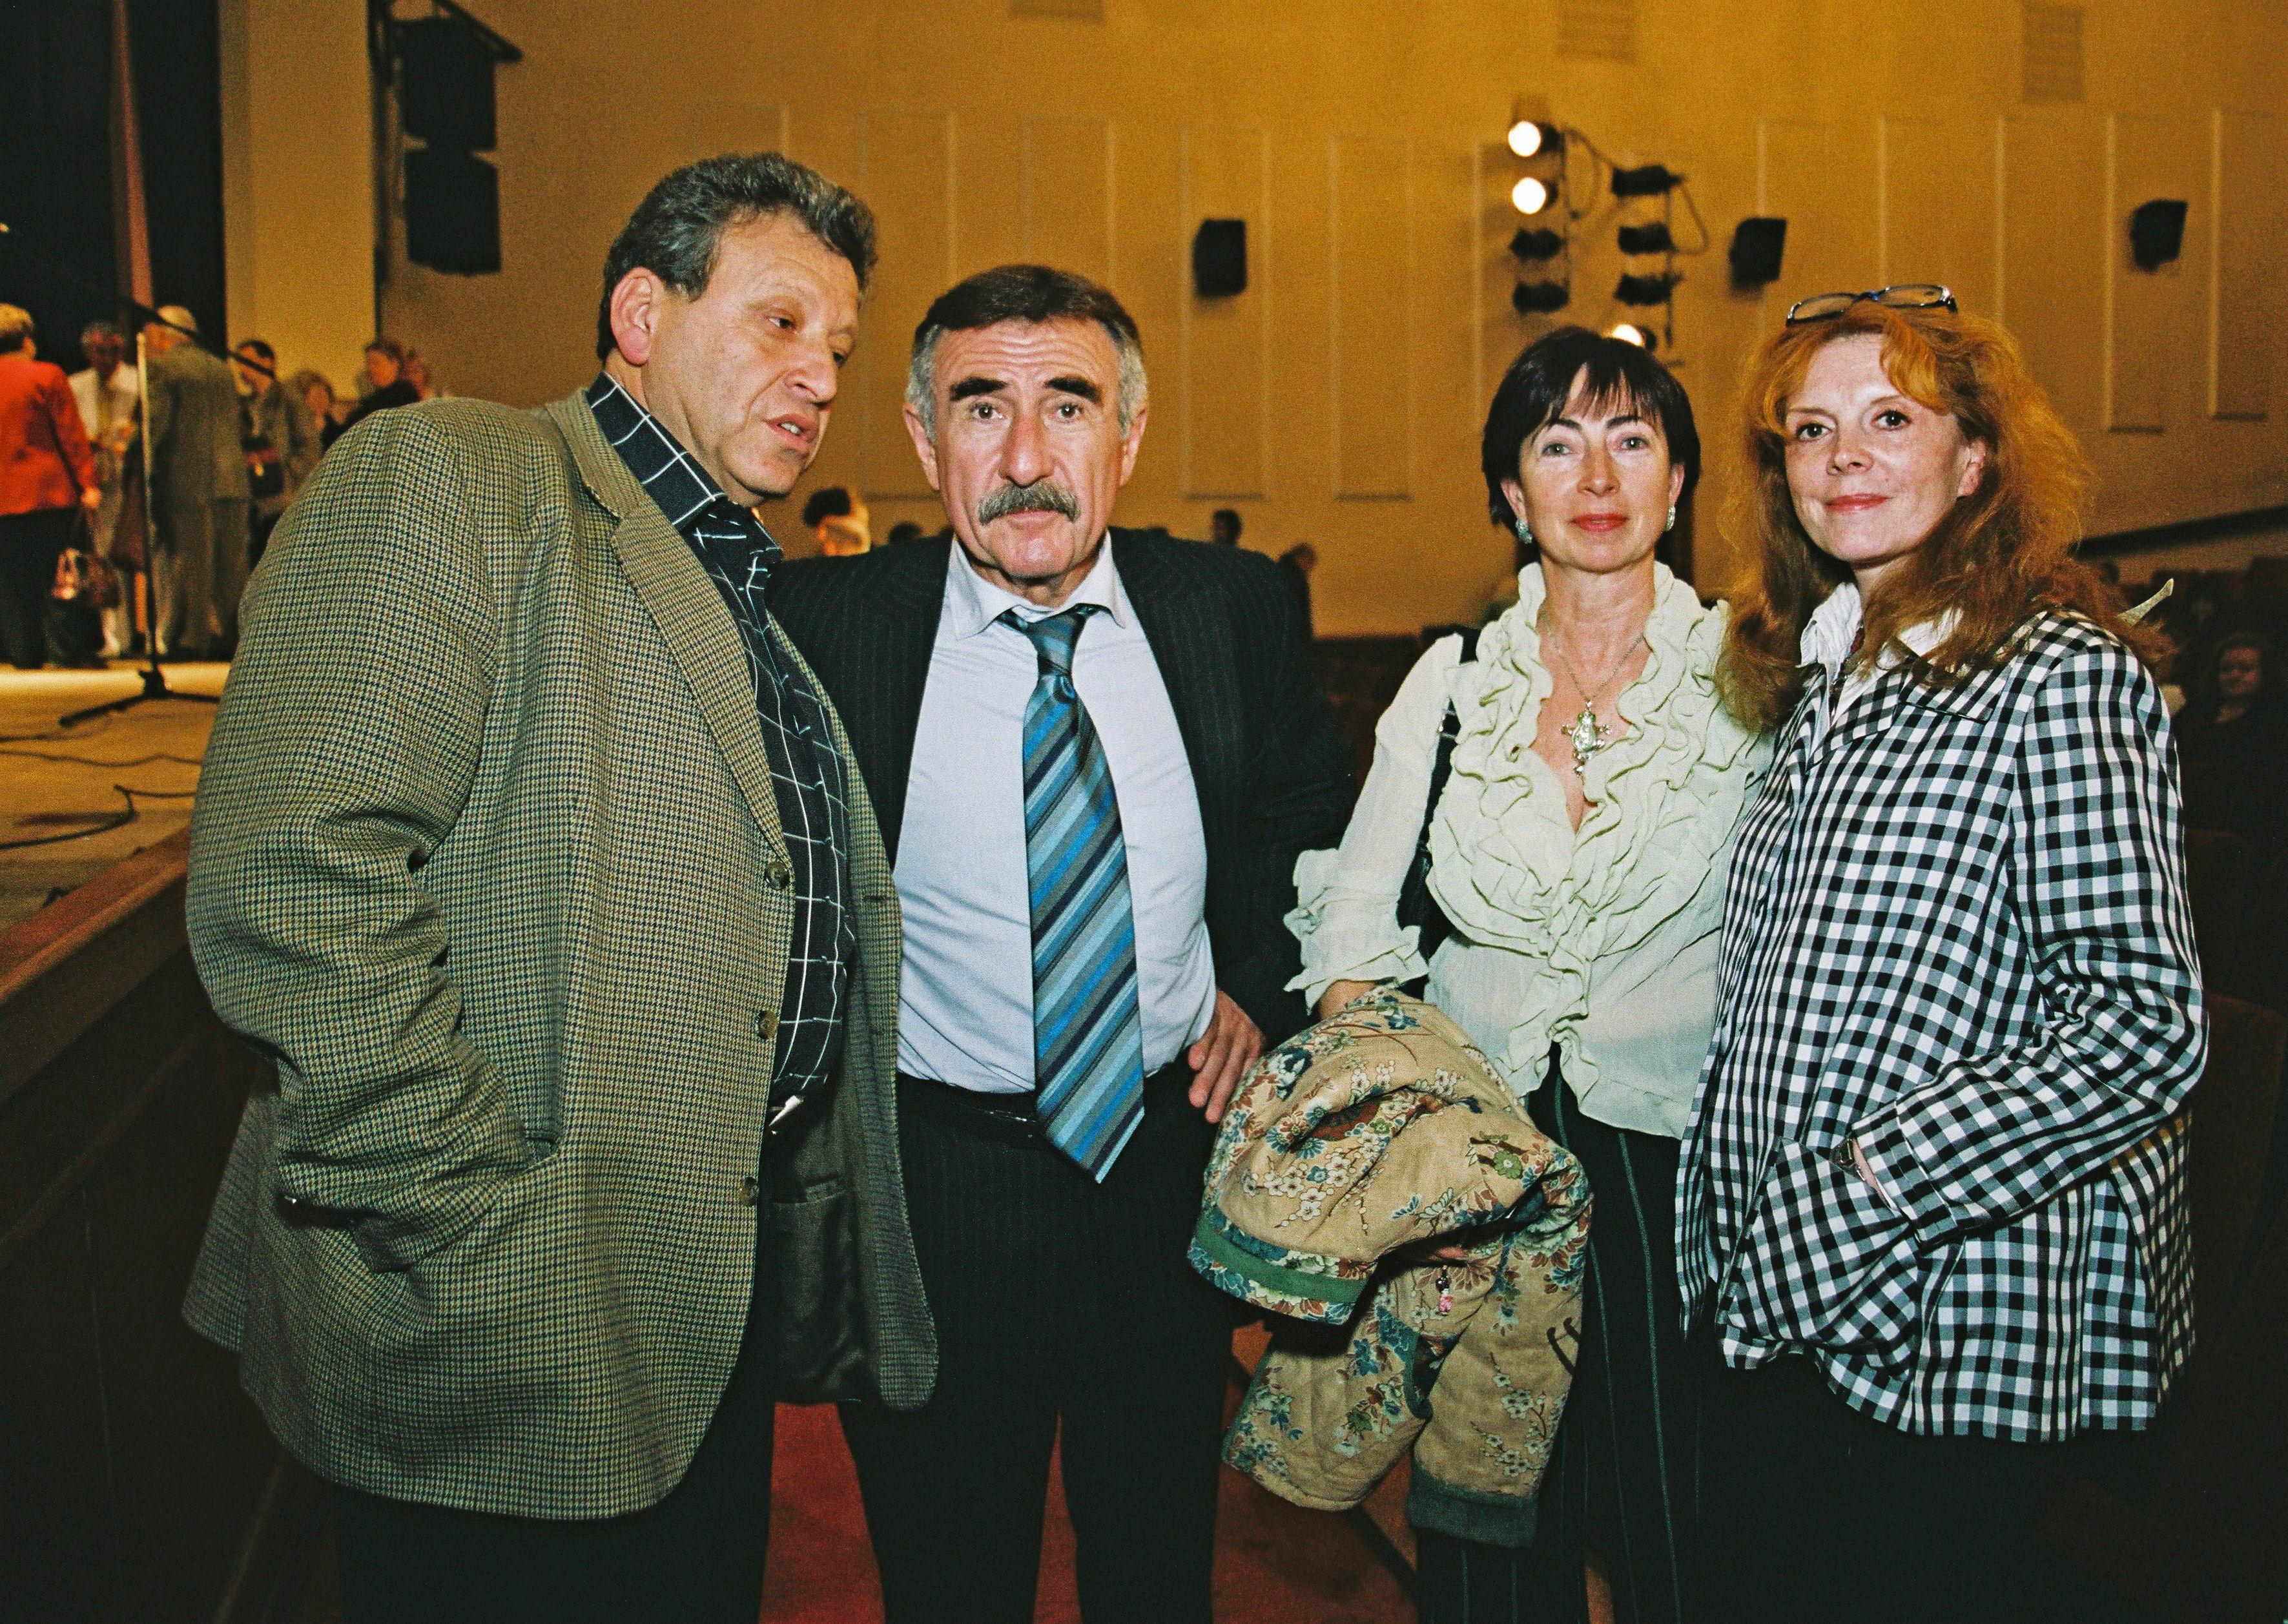 Боря Грачевский, Брат Лёня,его жена Аня и Клара Новикова.